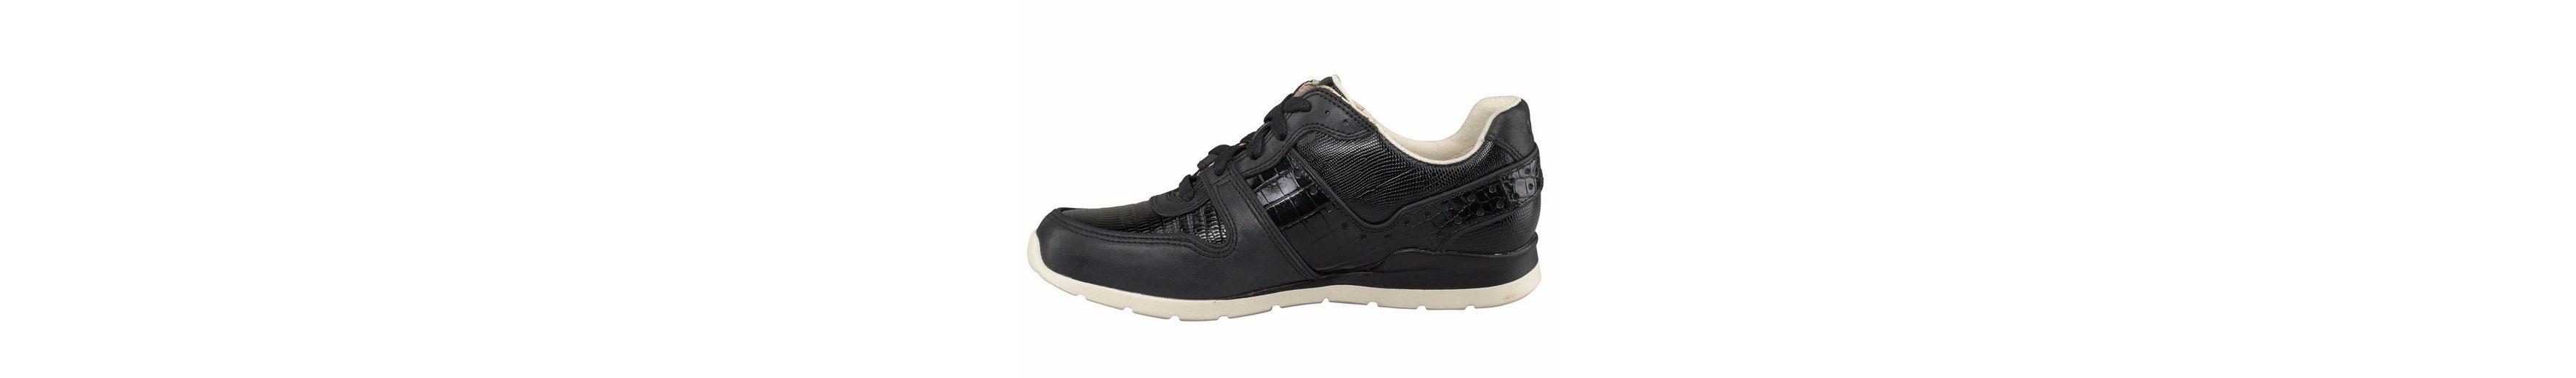 UGG Deaven Croco Sneaker, im tollen Ledermix in Croco-Optik